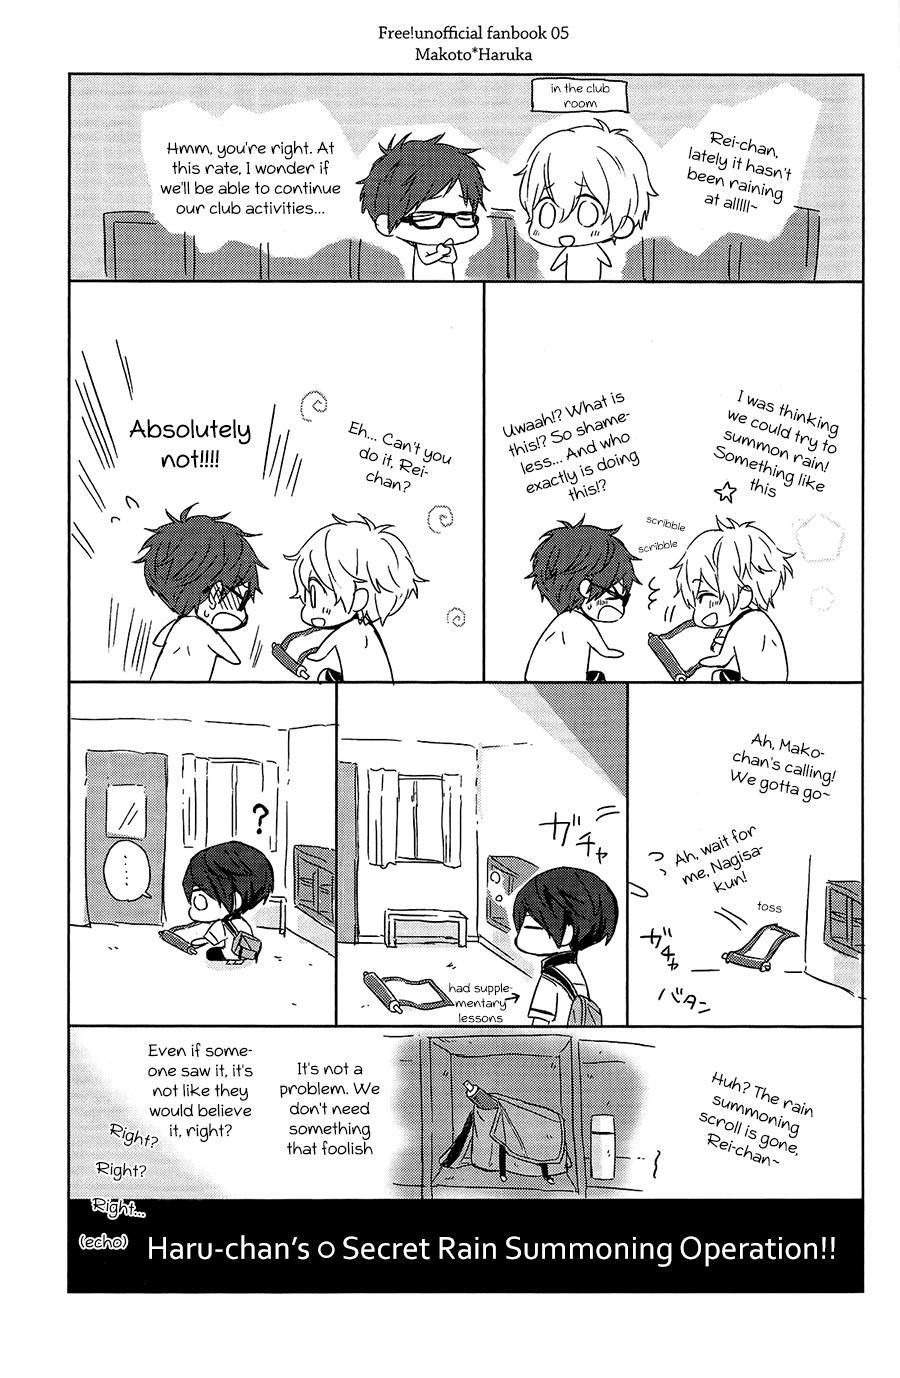 (Renai Endorphin) [Sneeeze (Kubu)] Haru-chan no Maru-Hi Amagoi Daisakusen!! (Free!) [English] [ichigo-day] 1